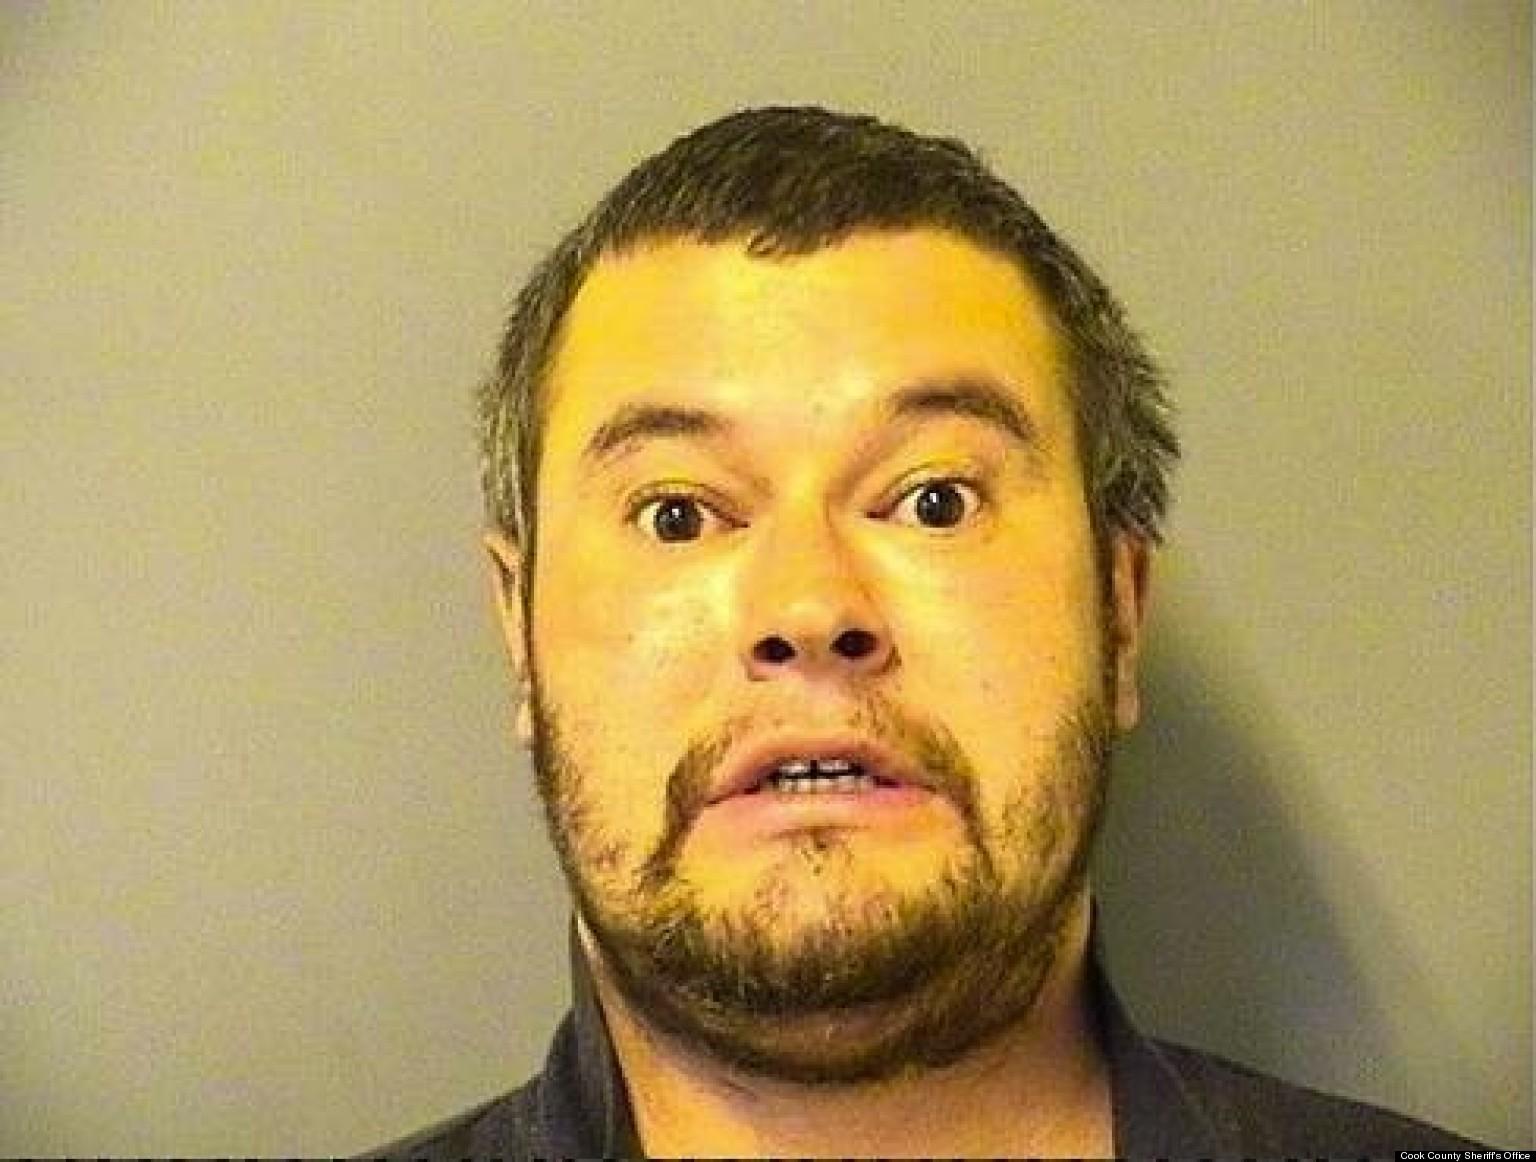 joseph dohar sex offender in Garden Grove